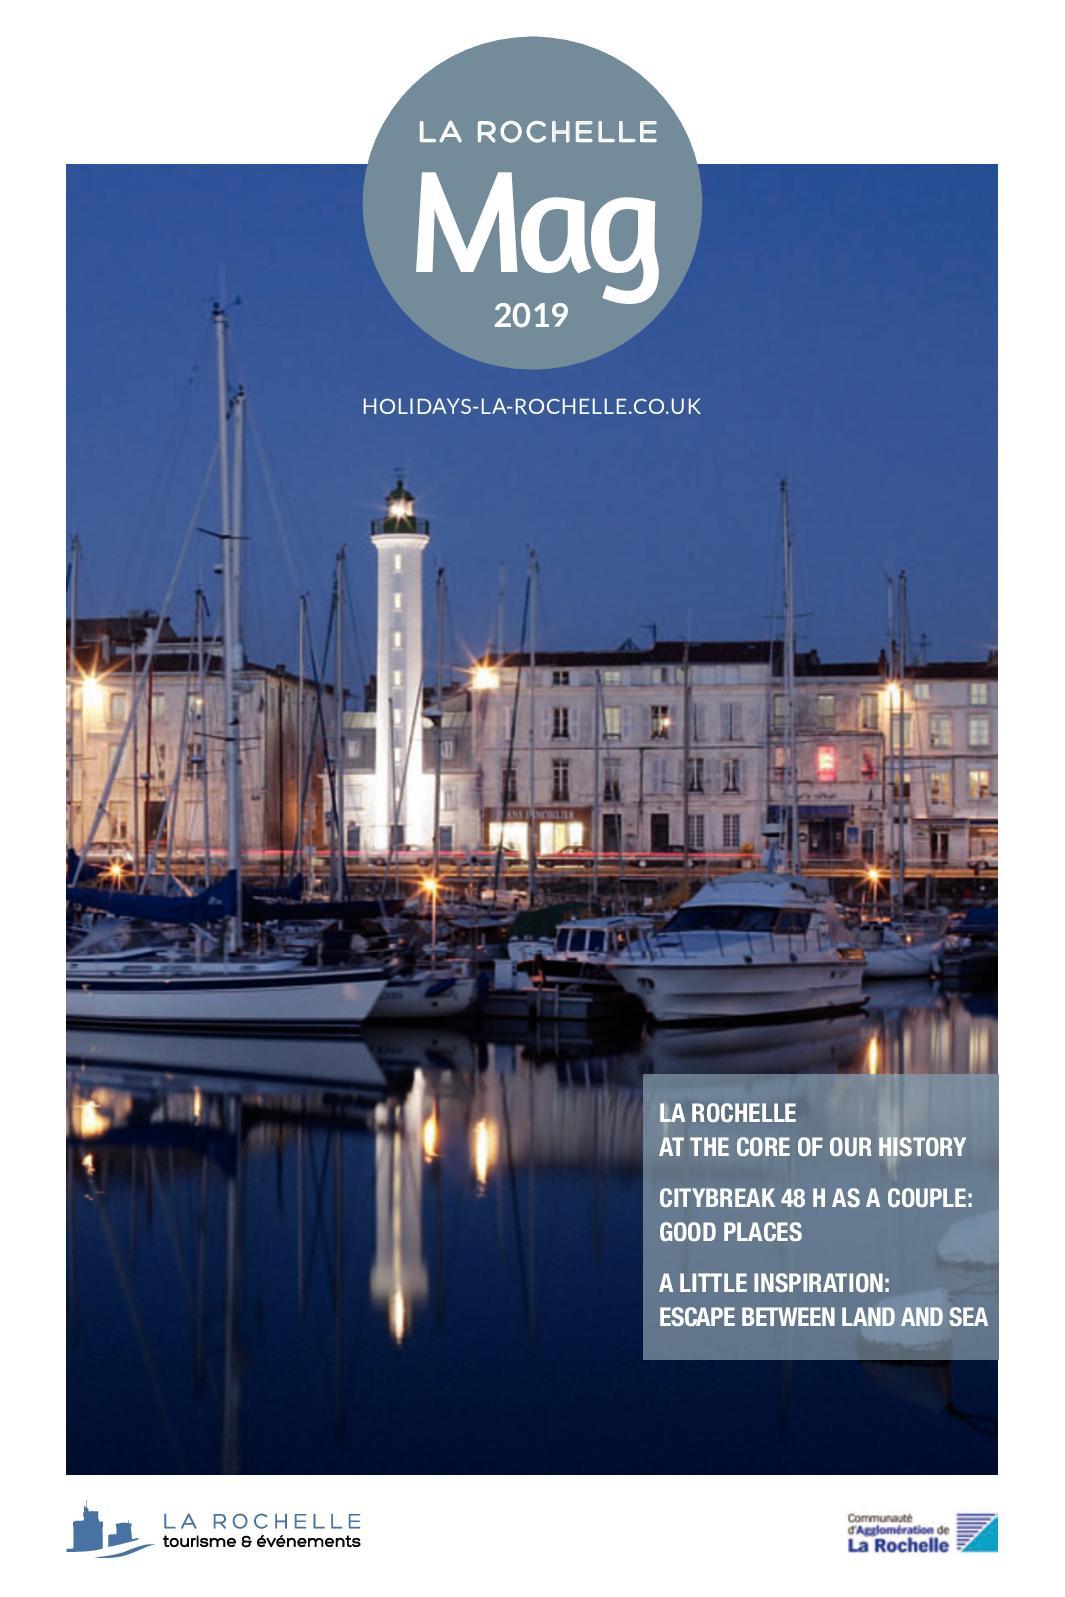 Salon De Jardin 8 Places Frais Calaméo La Rochelle City Guide 2019 Of 20 Inspirant Salon De Jardin 8 Places